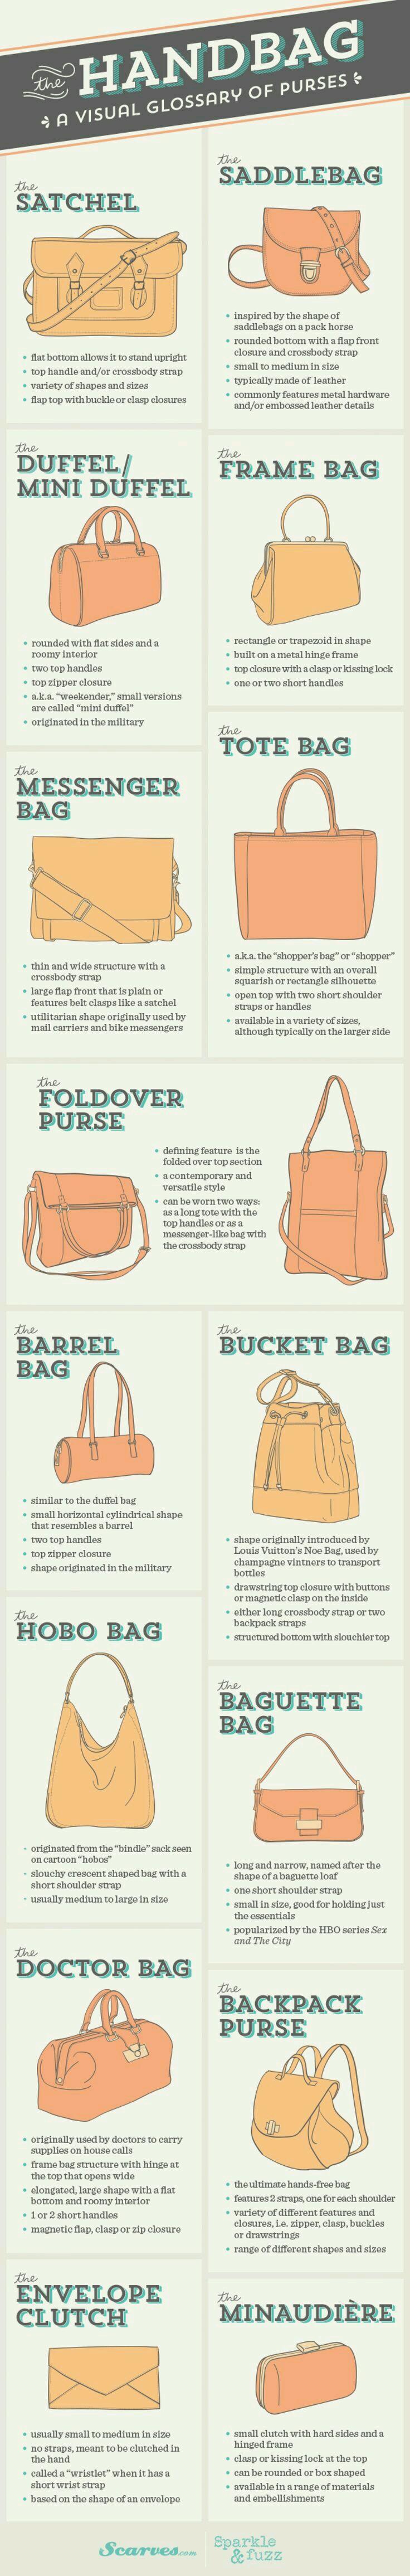 Popular Handbag Styles